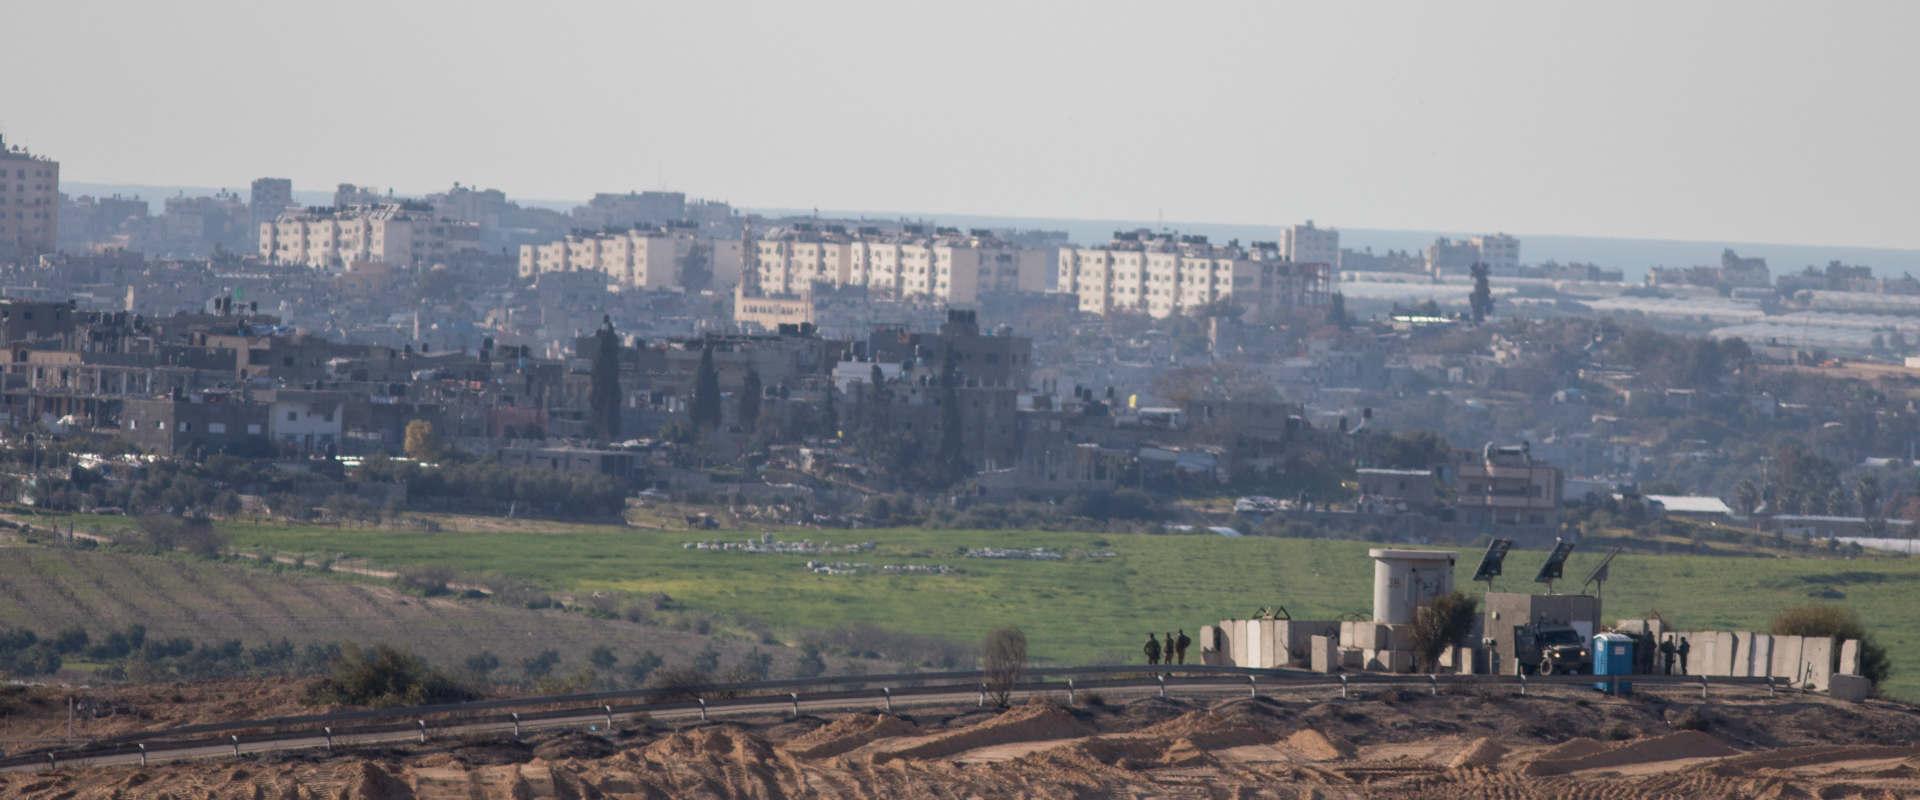 גבול ישראל-עזה בתחילת השנה